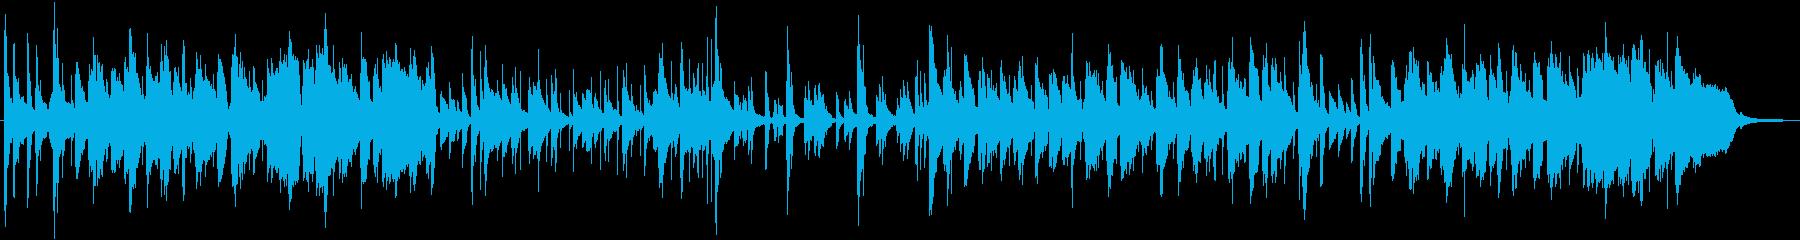 アンニュイなボサノバの再生済みの波形